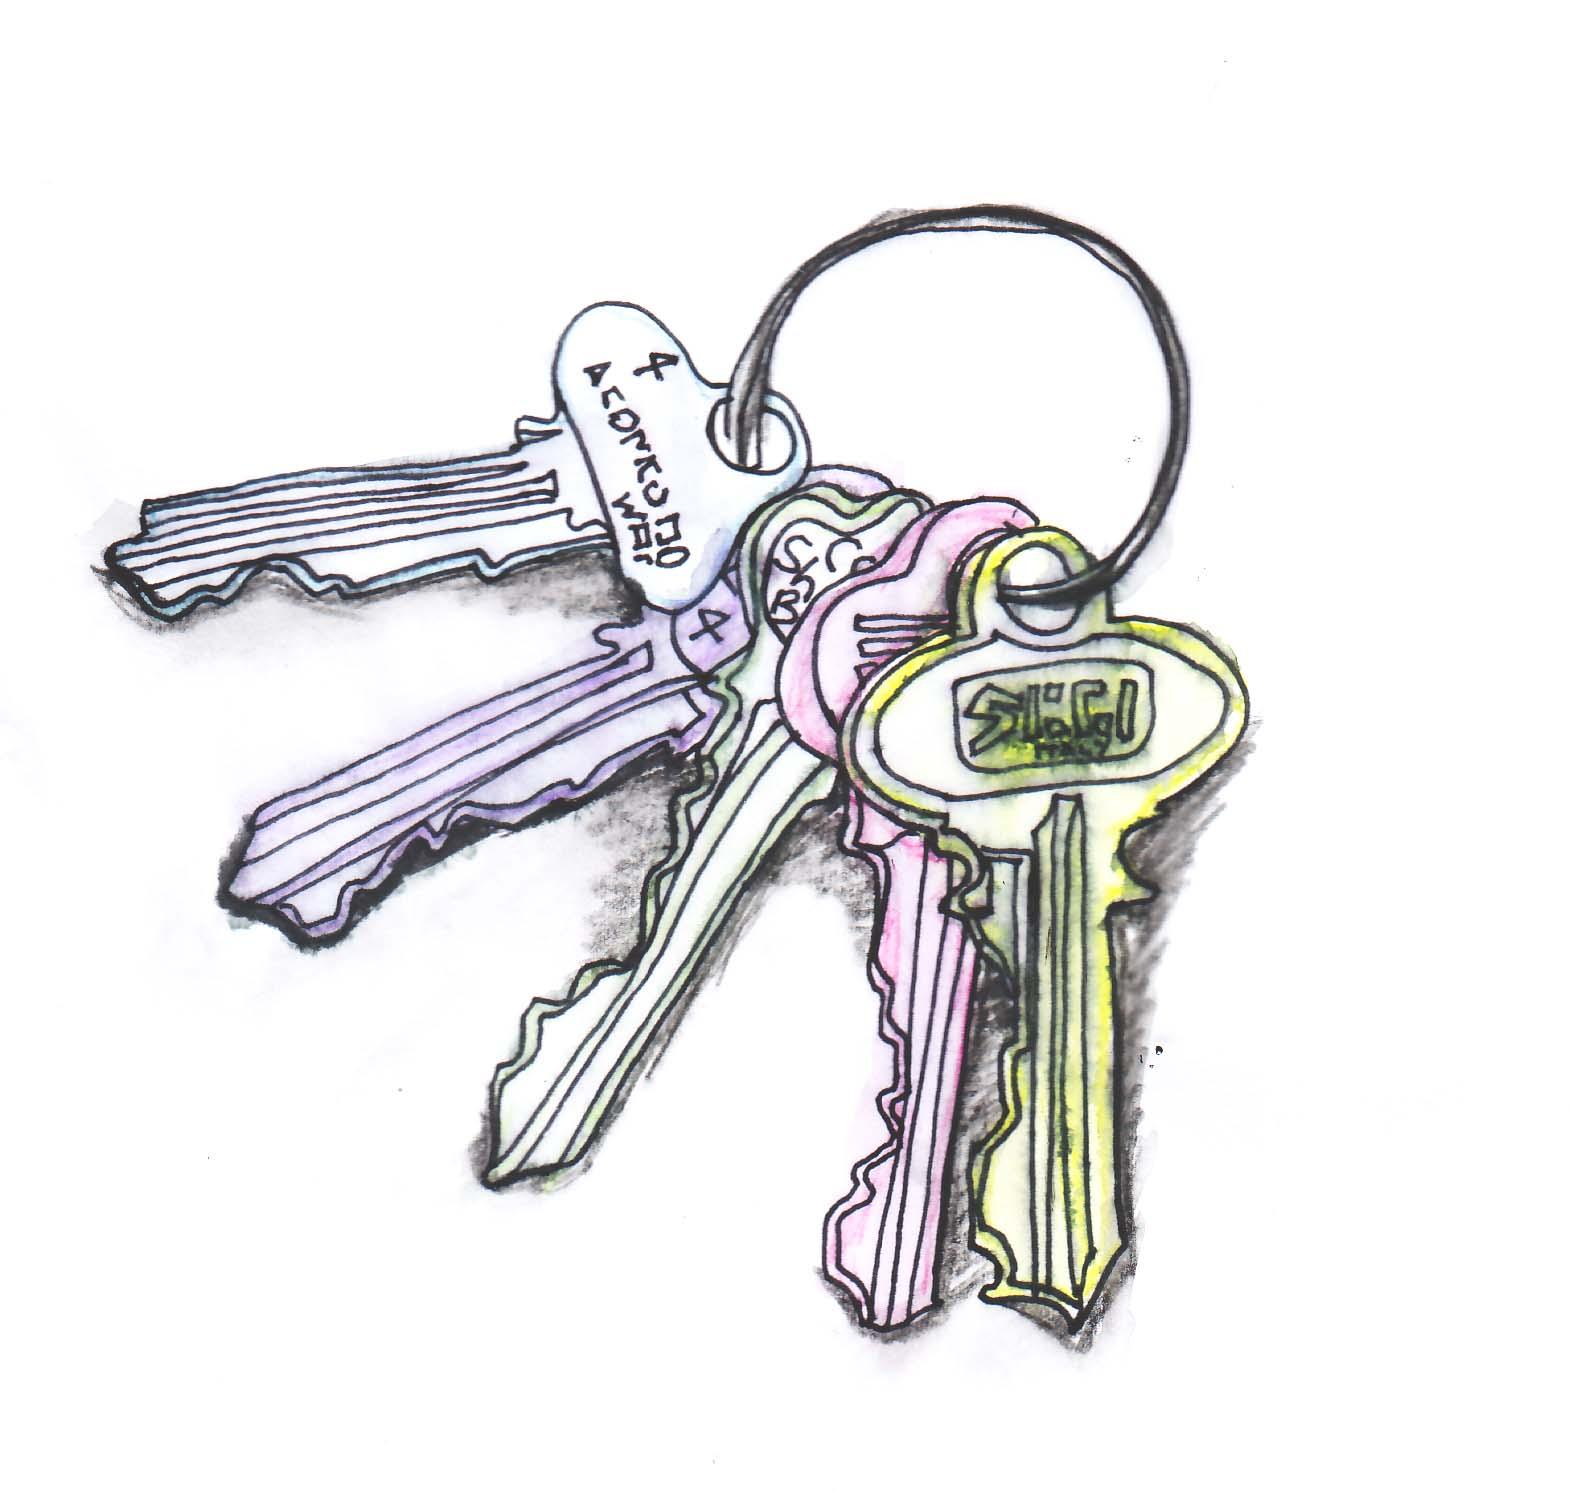 drawn keys